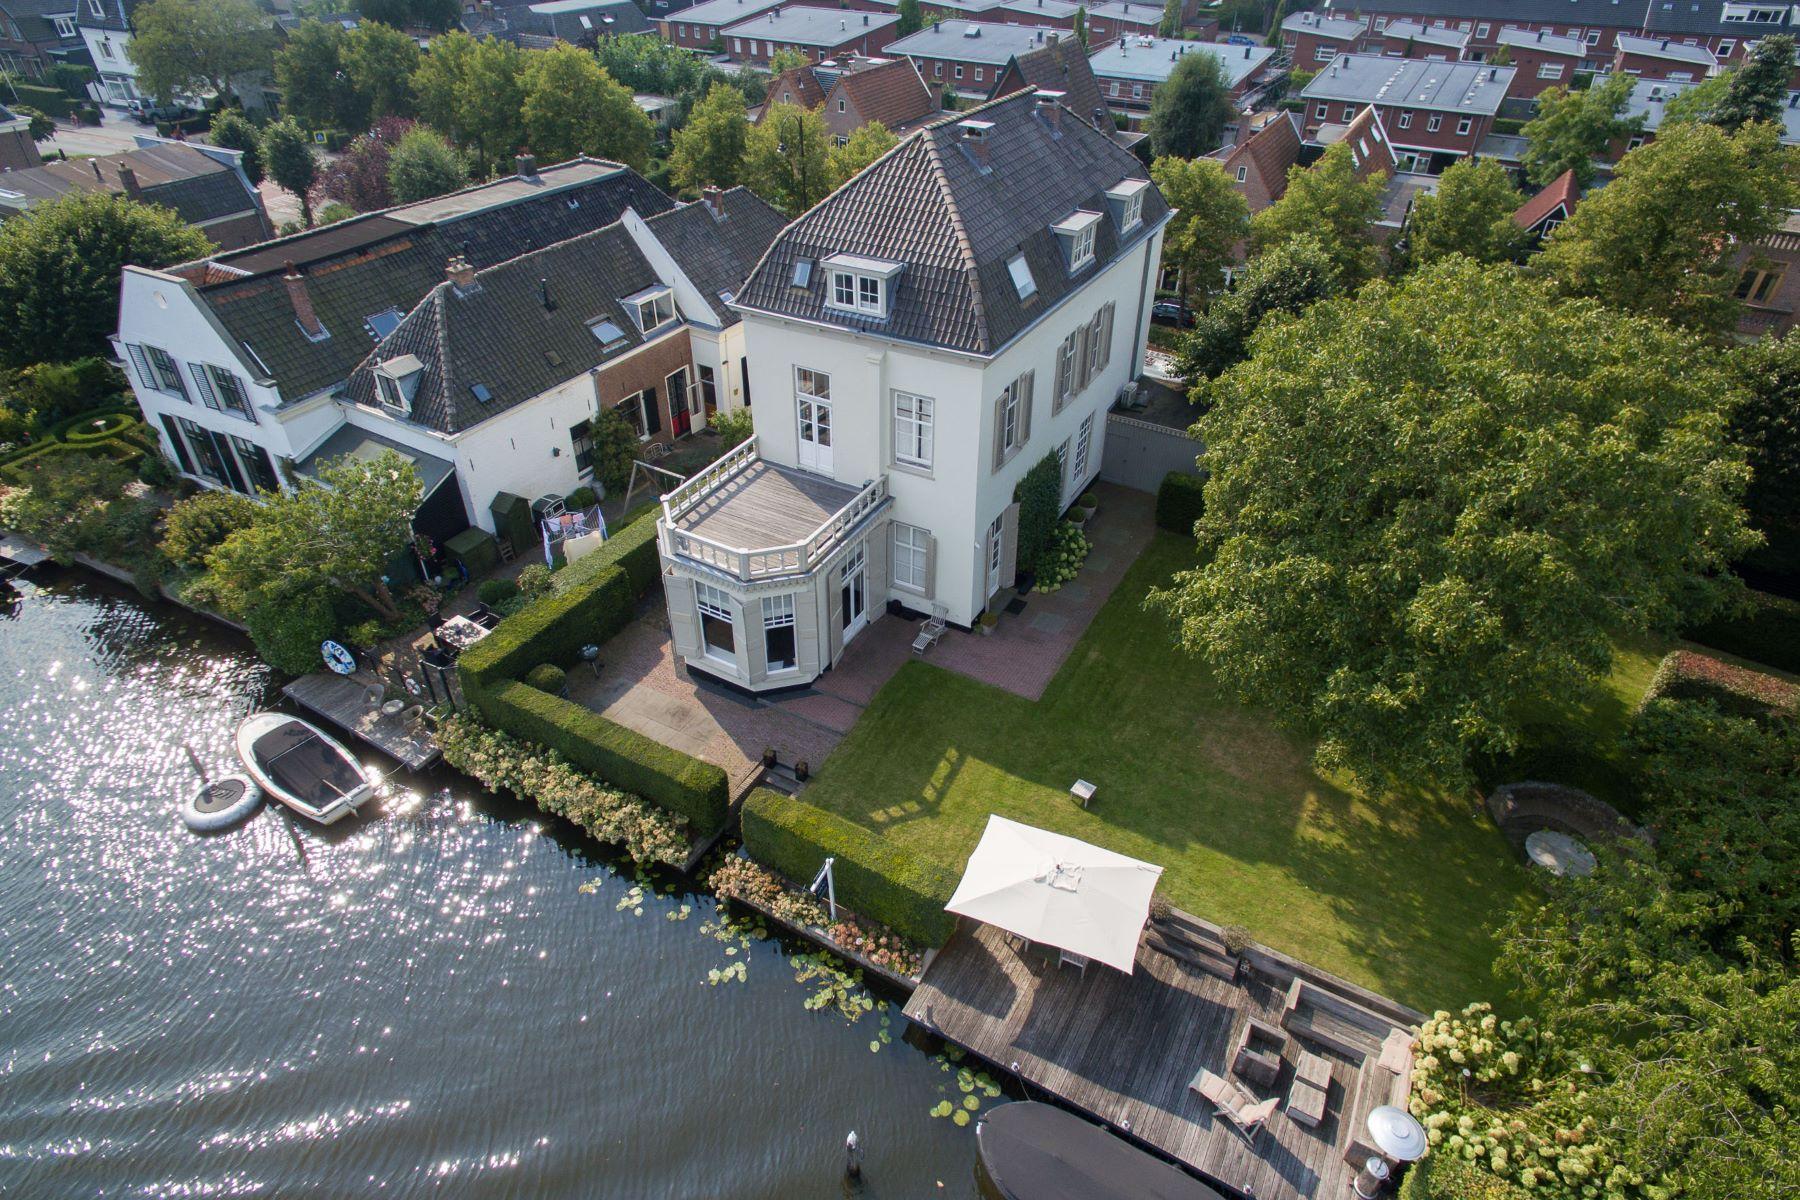 Maison unifamiliale pour l Vente à Historic Mansion Vecht River Straatweg 204 Breukelen, Utrecht, 3621 BX Pays-Bas